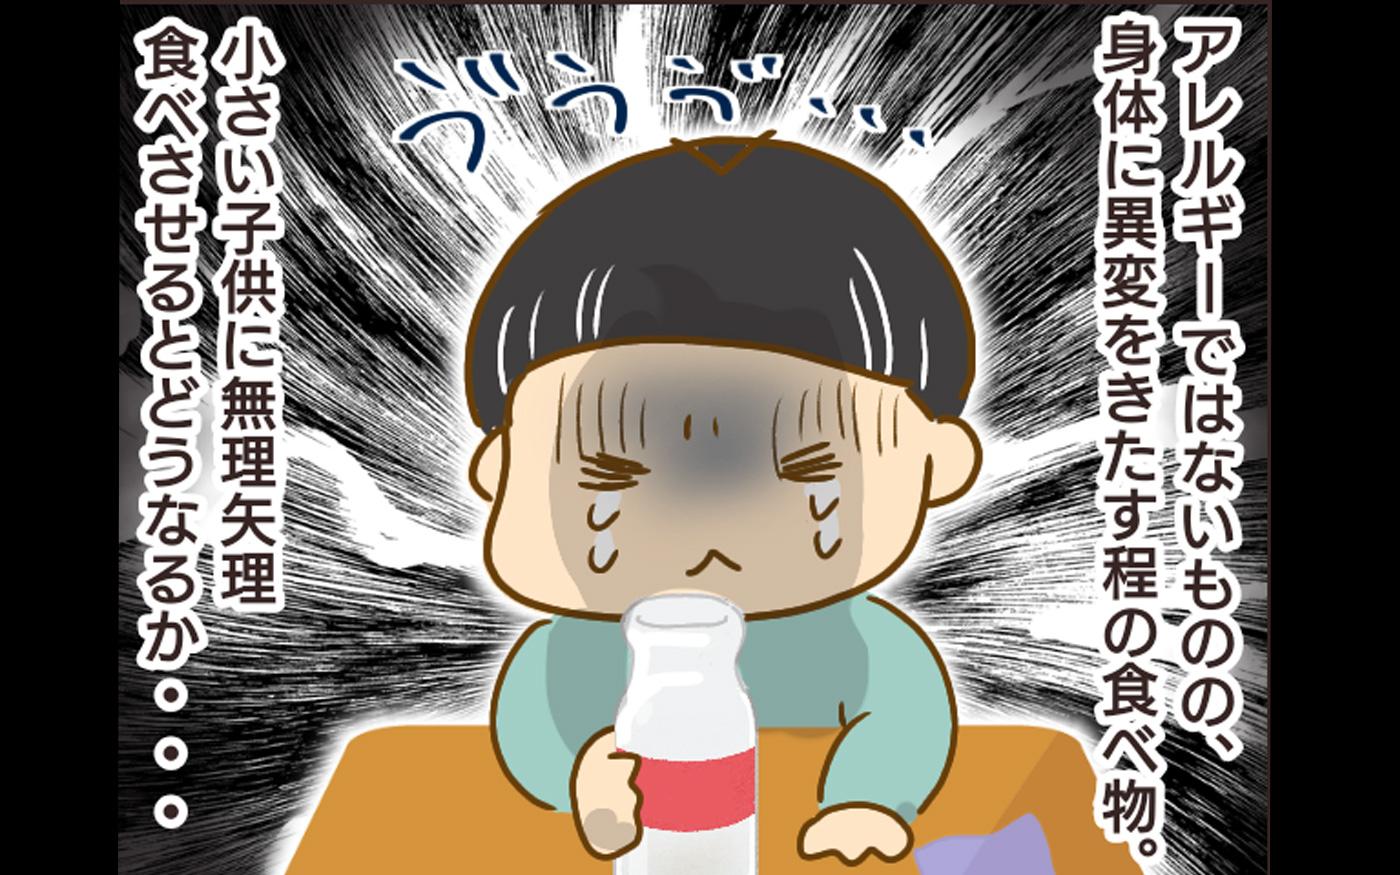 給食を残すなんて絶対に許さない! 苦手な牛乳を無理やり飲まされた生徒は…